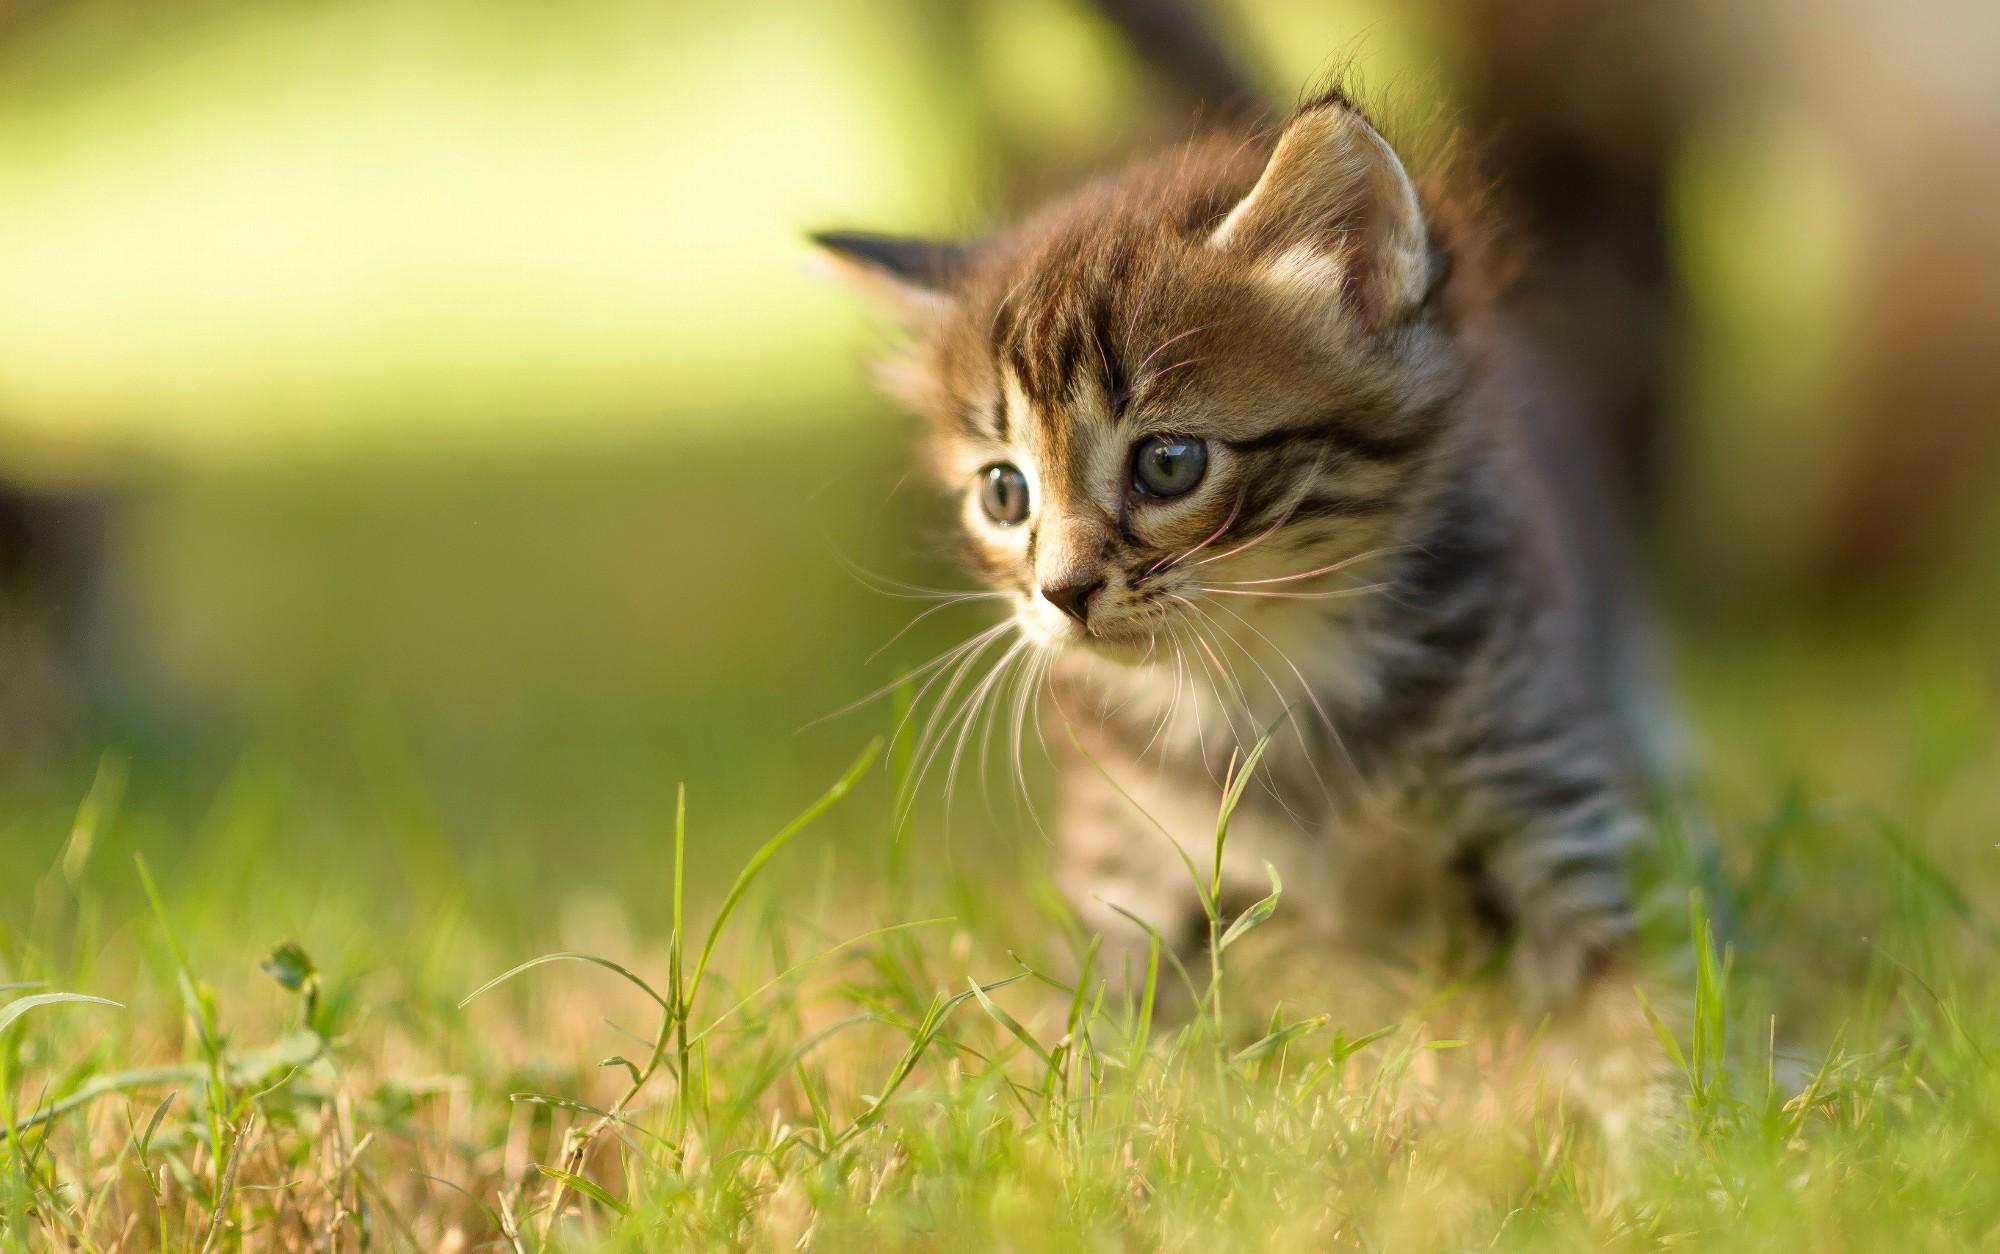 Katze hd wallpaper hintergrund 2000x1254 id 546331 - Cute kittens hd wallpaper free download ...